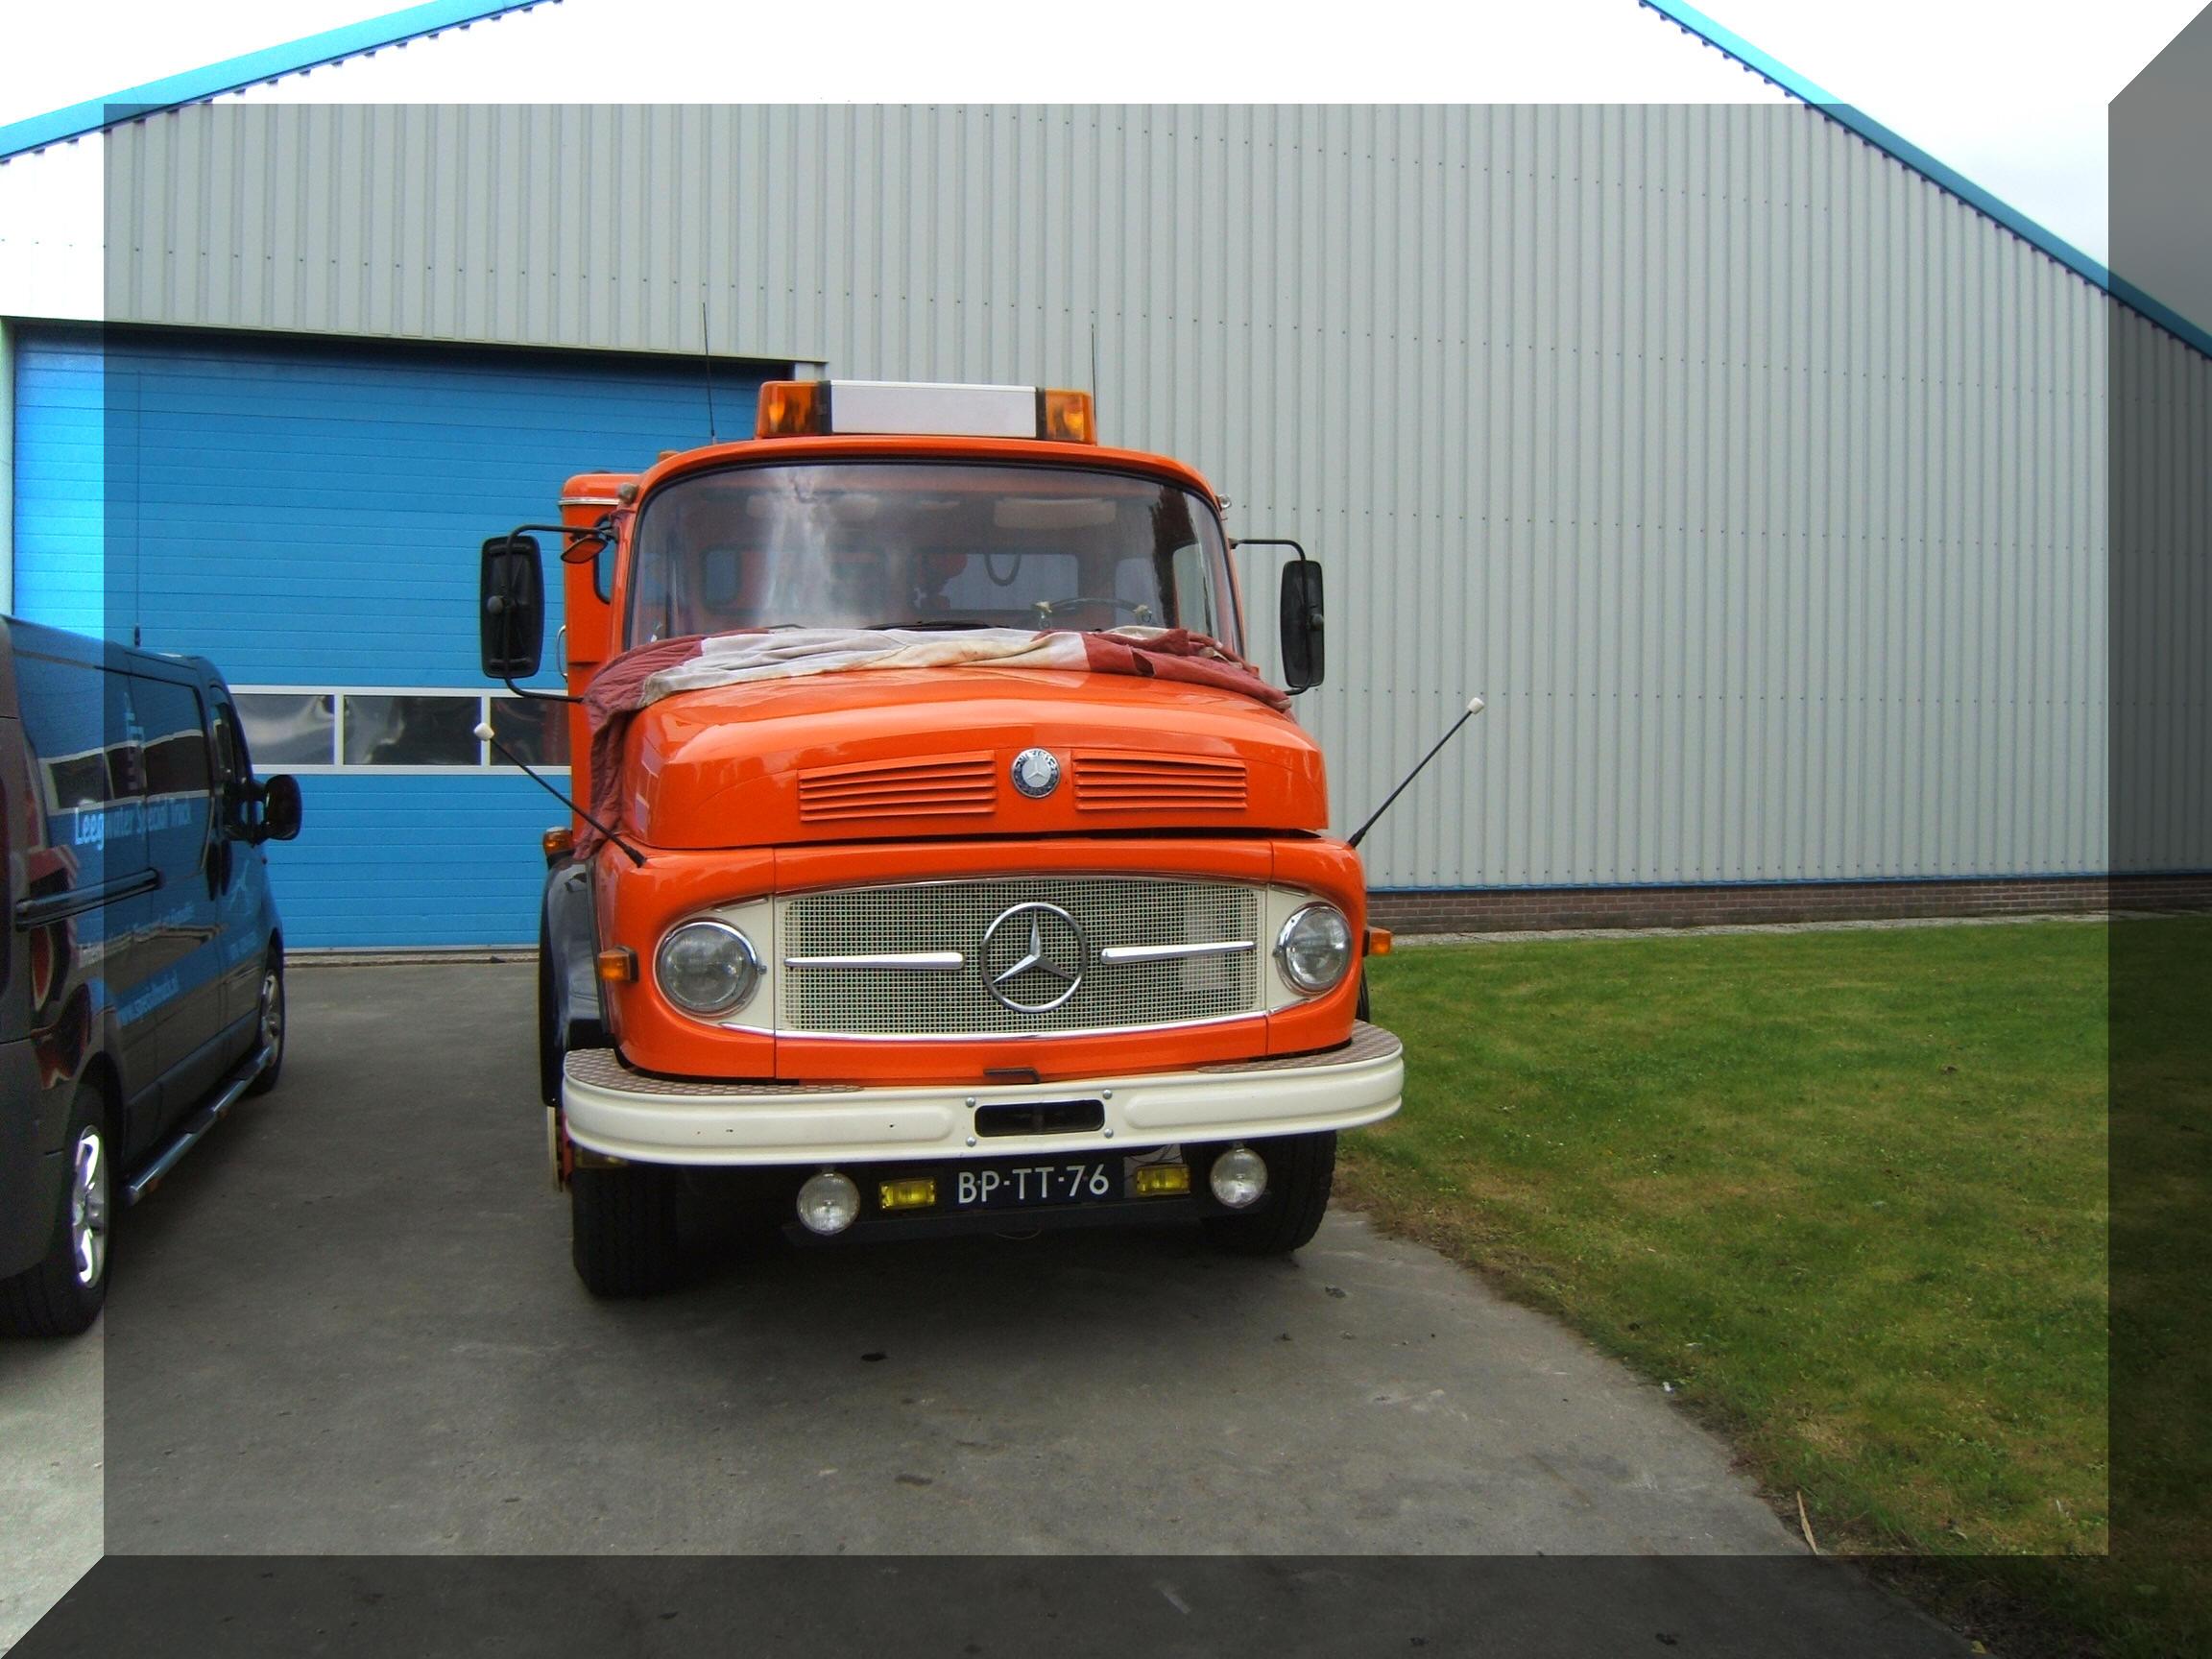 ford truck with Fotoboek 20mercedes on Fotoboek 20Mercedes in addition 1960fordf100 wordpress in addition 4442503895 in addition 6162759743 in addition Kenworth K100 105 large.